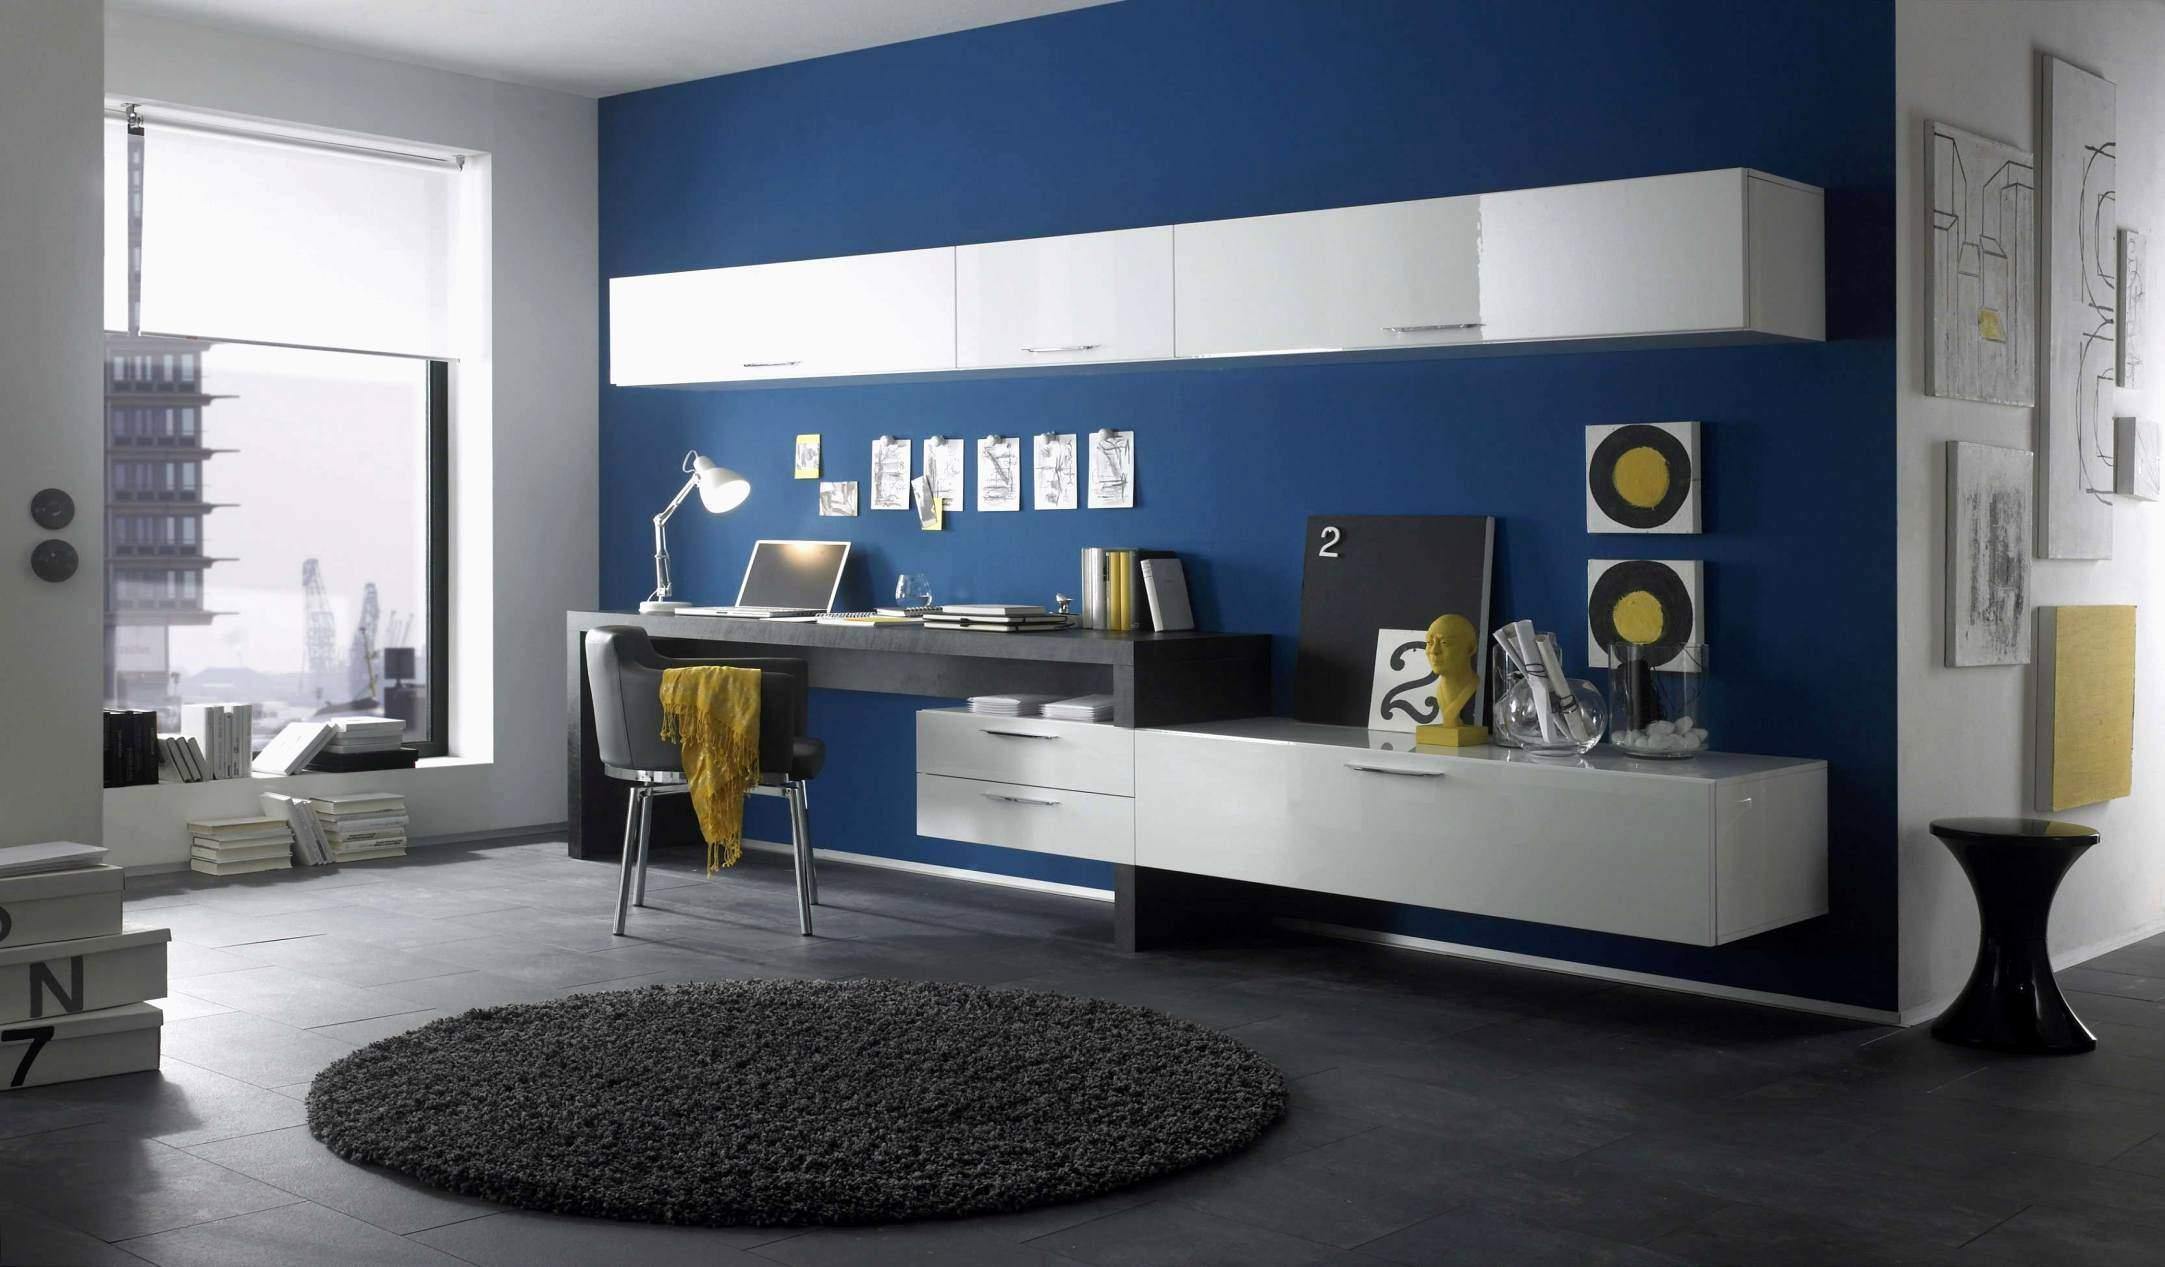 sitzecke wohnzimmer luxus sitzecke wohnzimmer konzept besten ideen ses jahr of sitzecke wohnzimmer